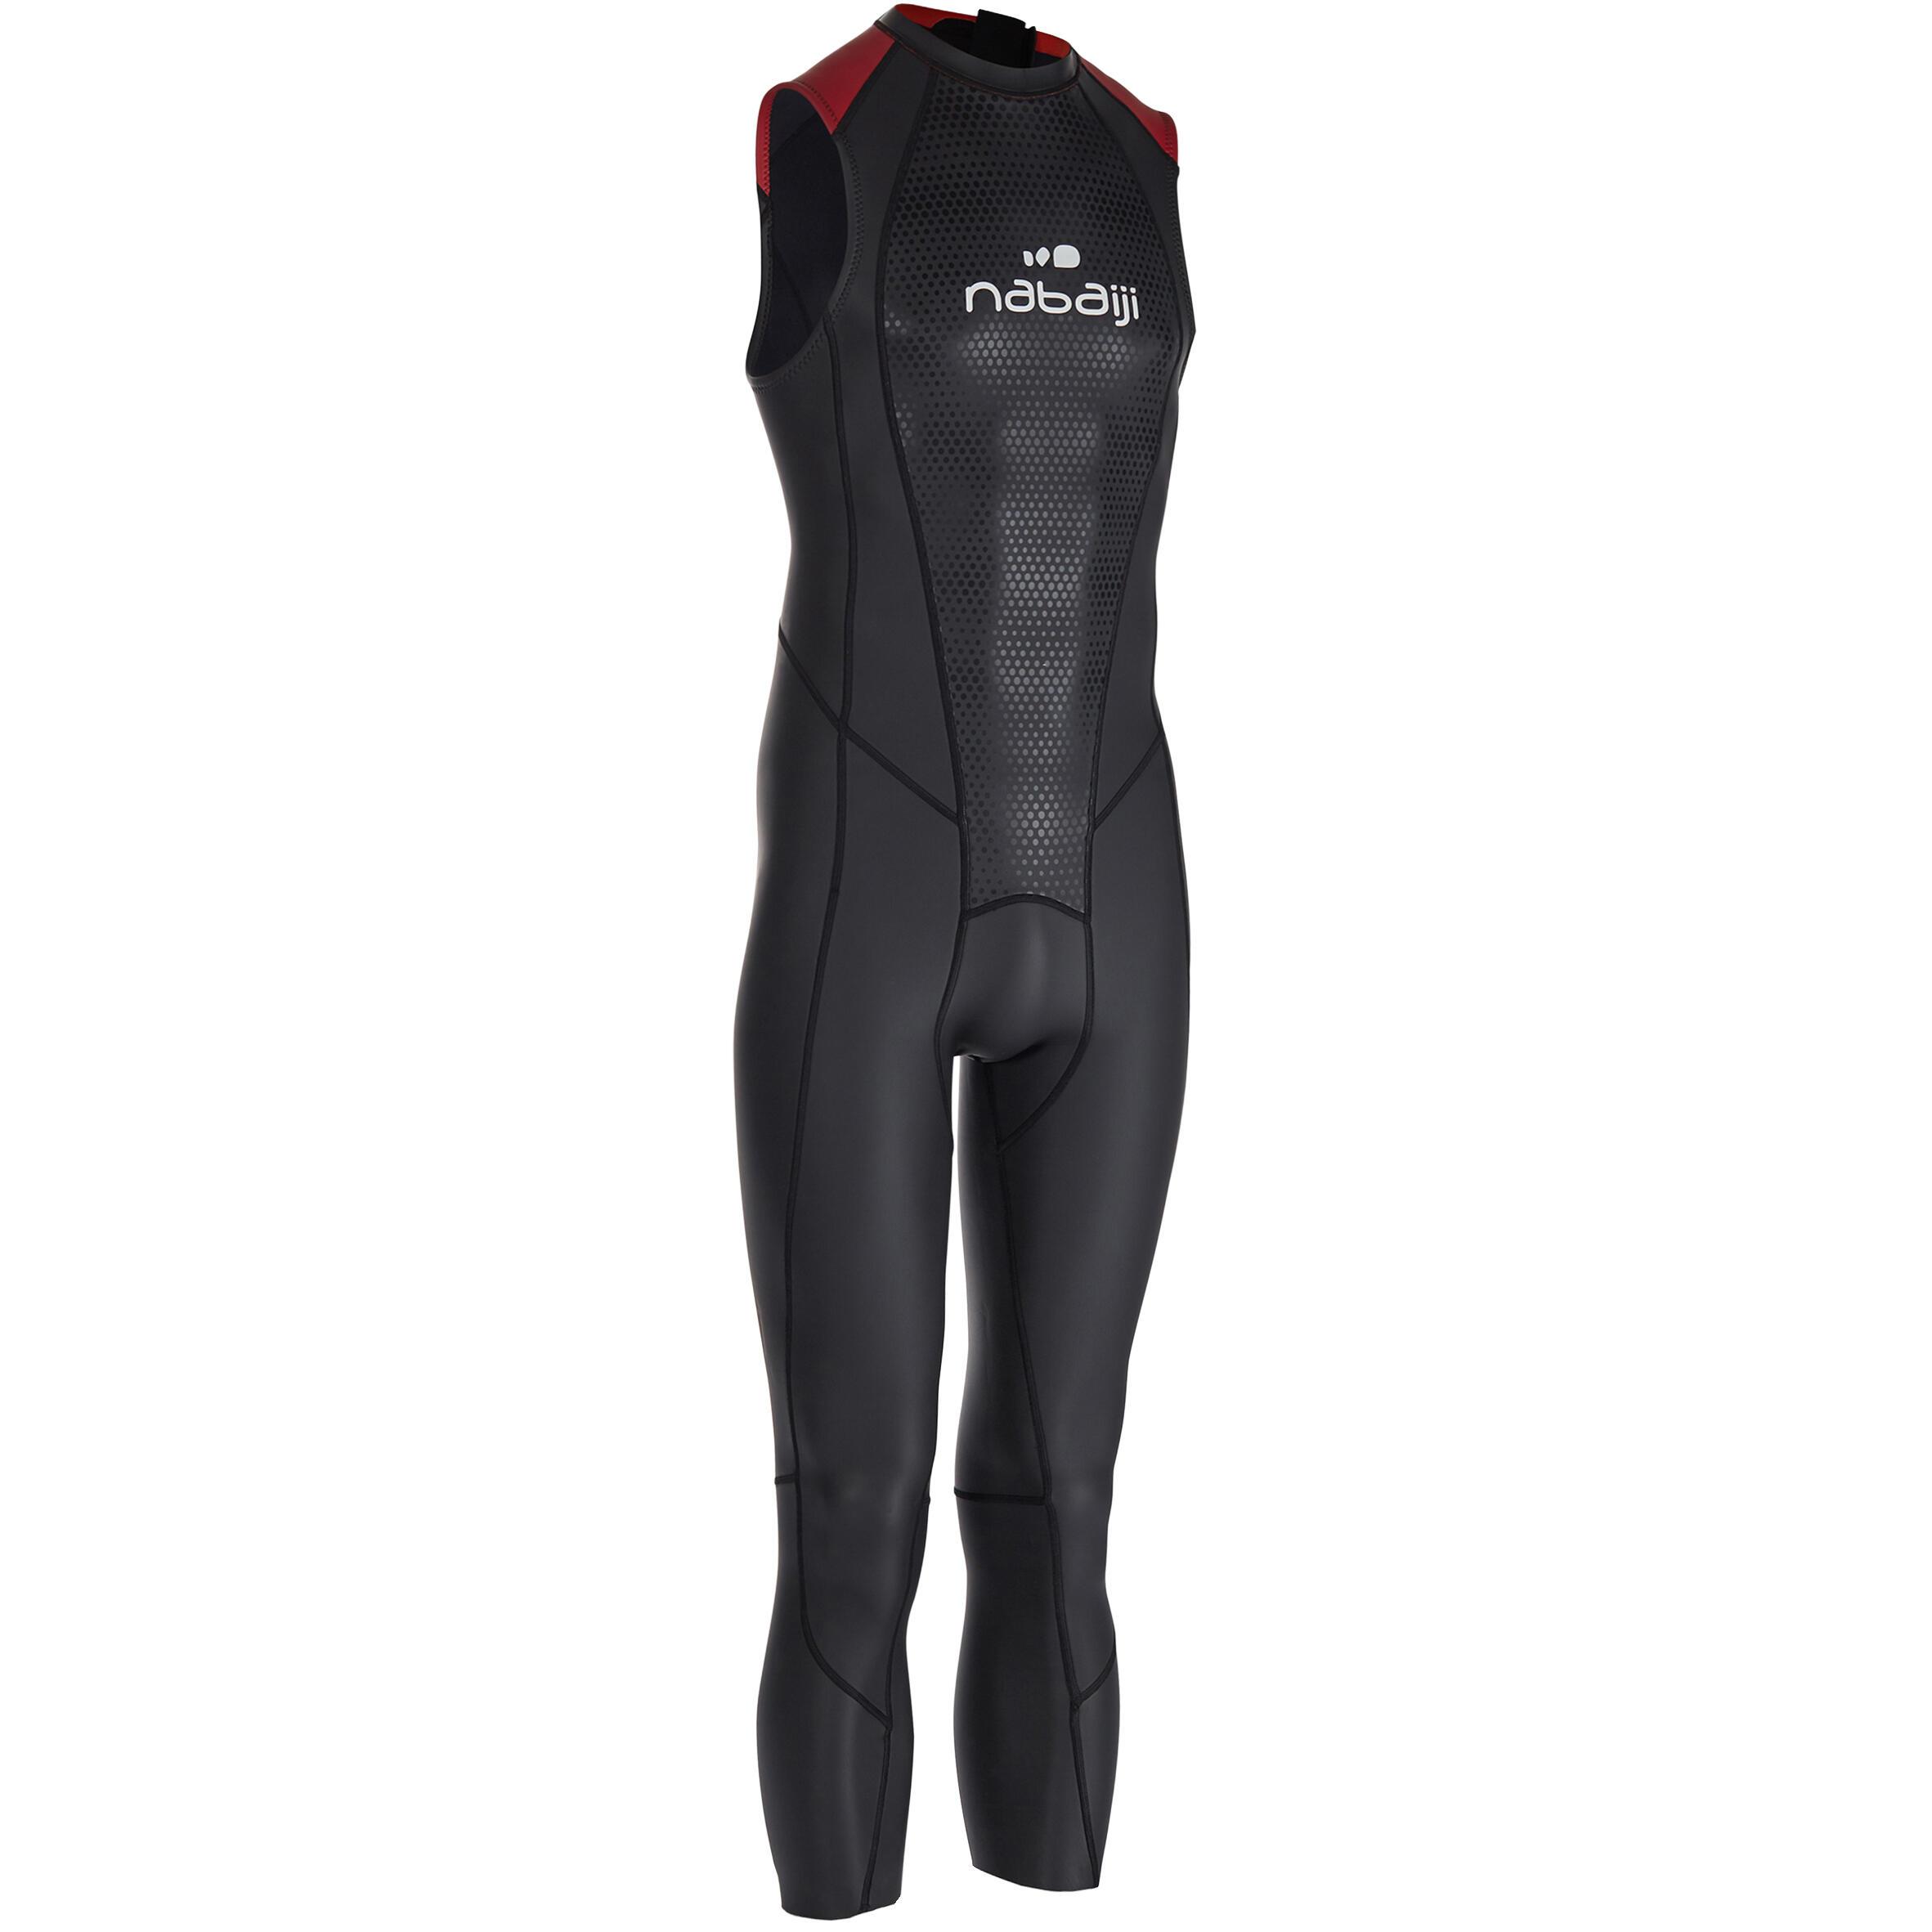 Schwimmanzug Freiwasserschwimmen ärmellos OWS 500 Neopren 2/2mm Herren | Bekleidung > Bademode > Badehosen | Nabaiji